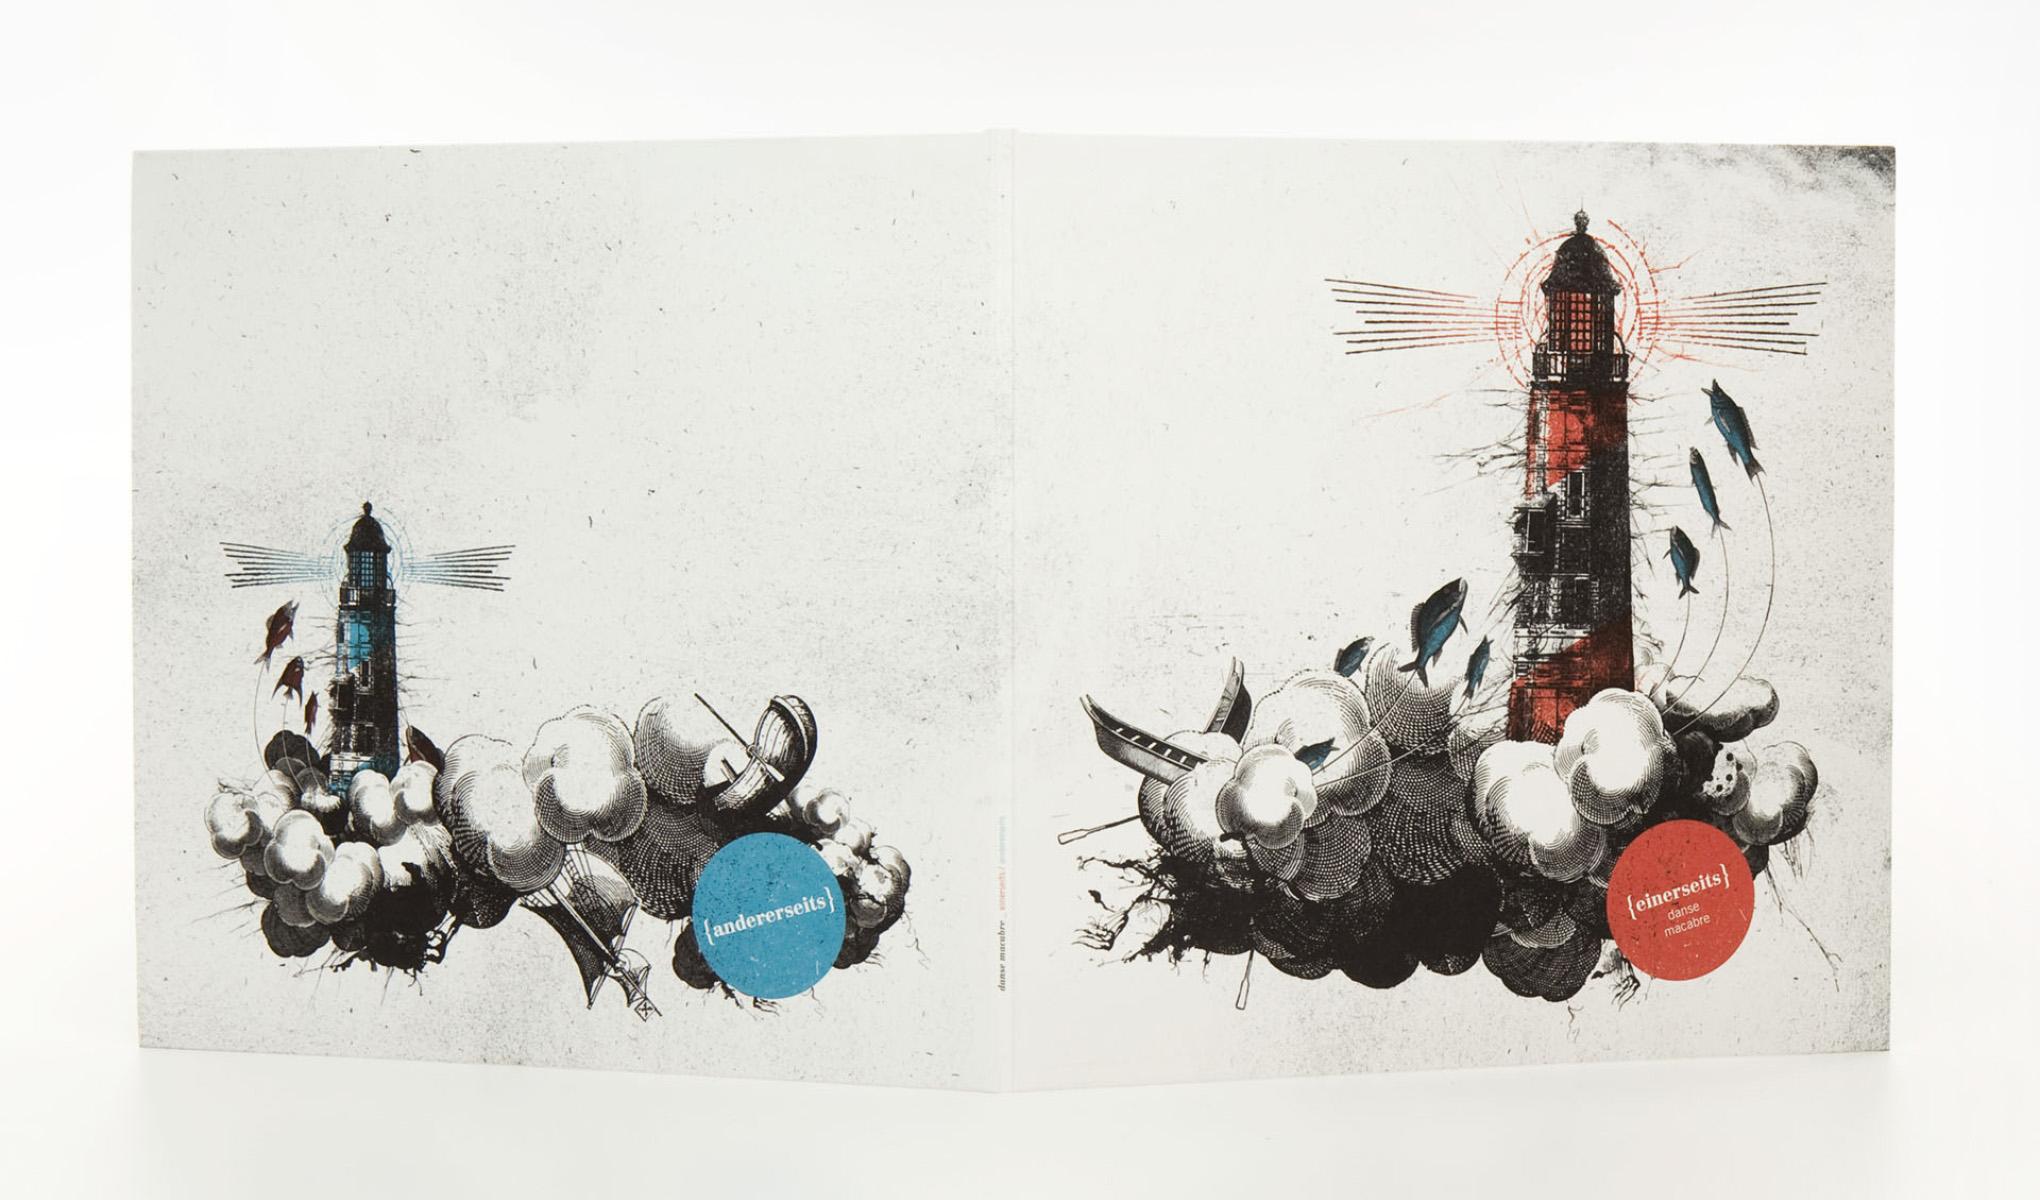 Die sons of ipanema aus Köln haben für die Trierer Band Danse Macabre ein Gatefold-Cover mit Leuchtturm illustriert und collagiert.